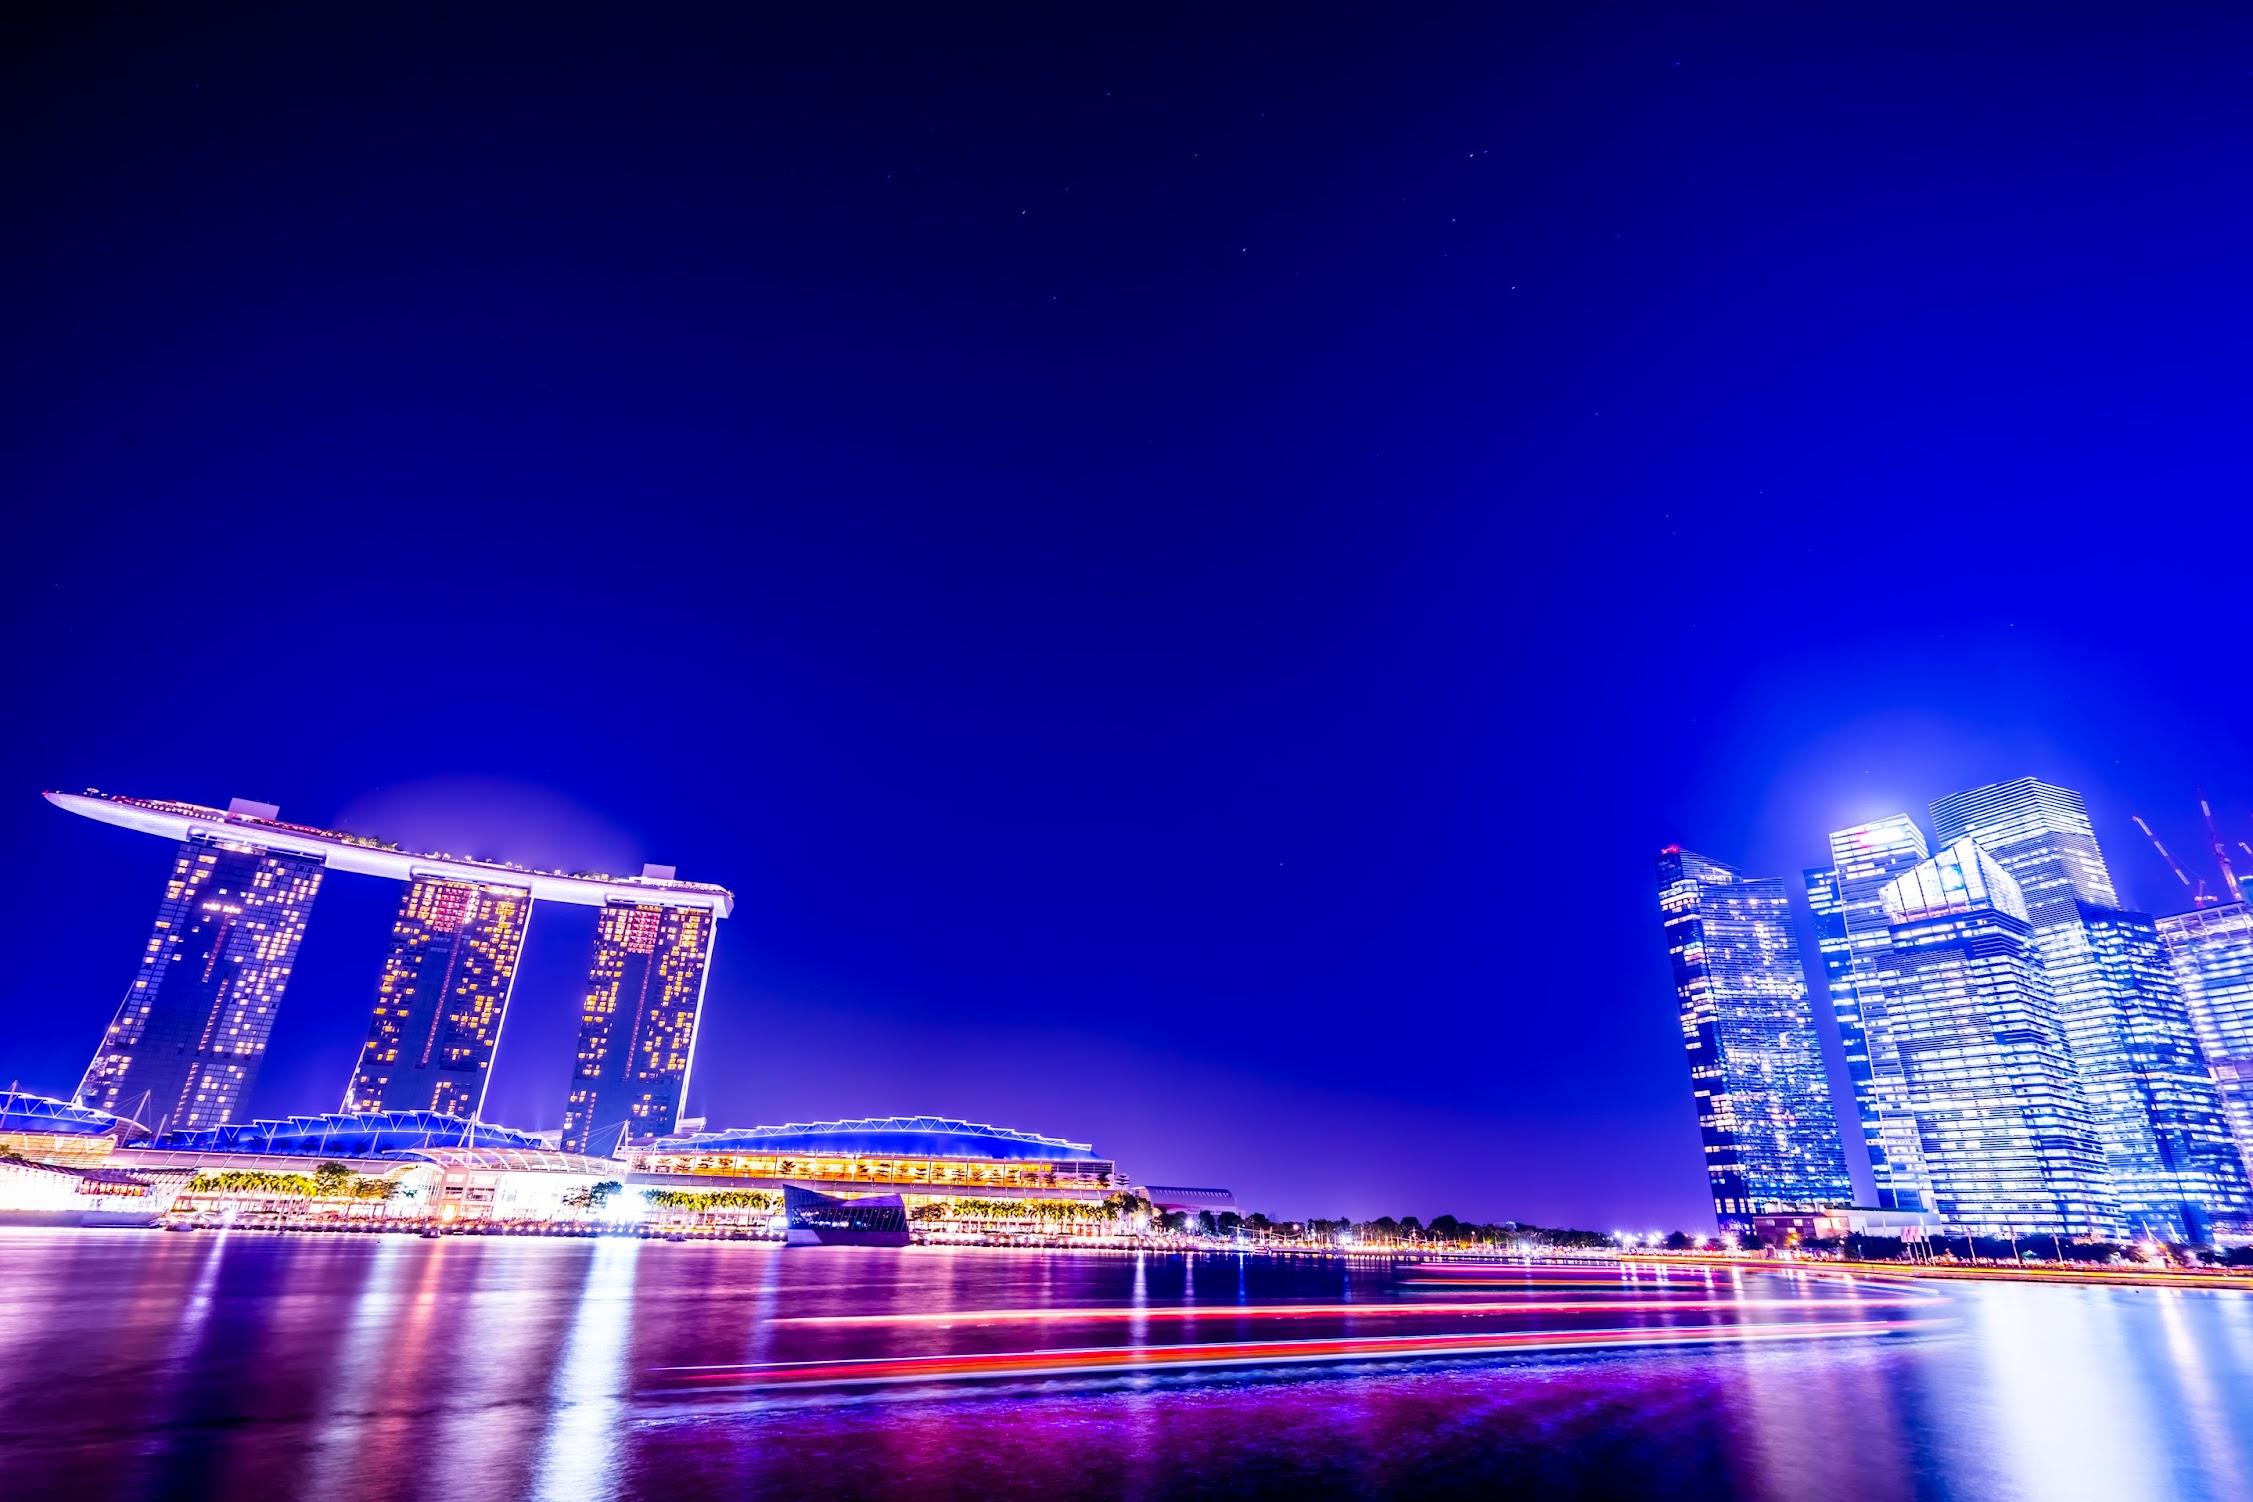 シンガポール マリーナ・ベイ・サンズ 夜景2